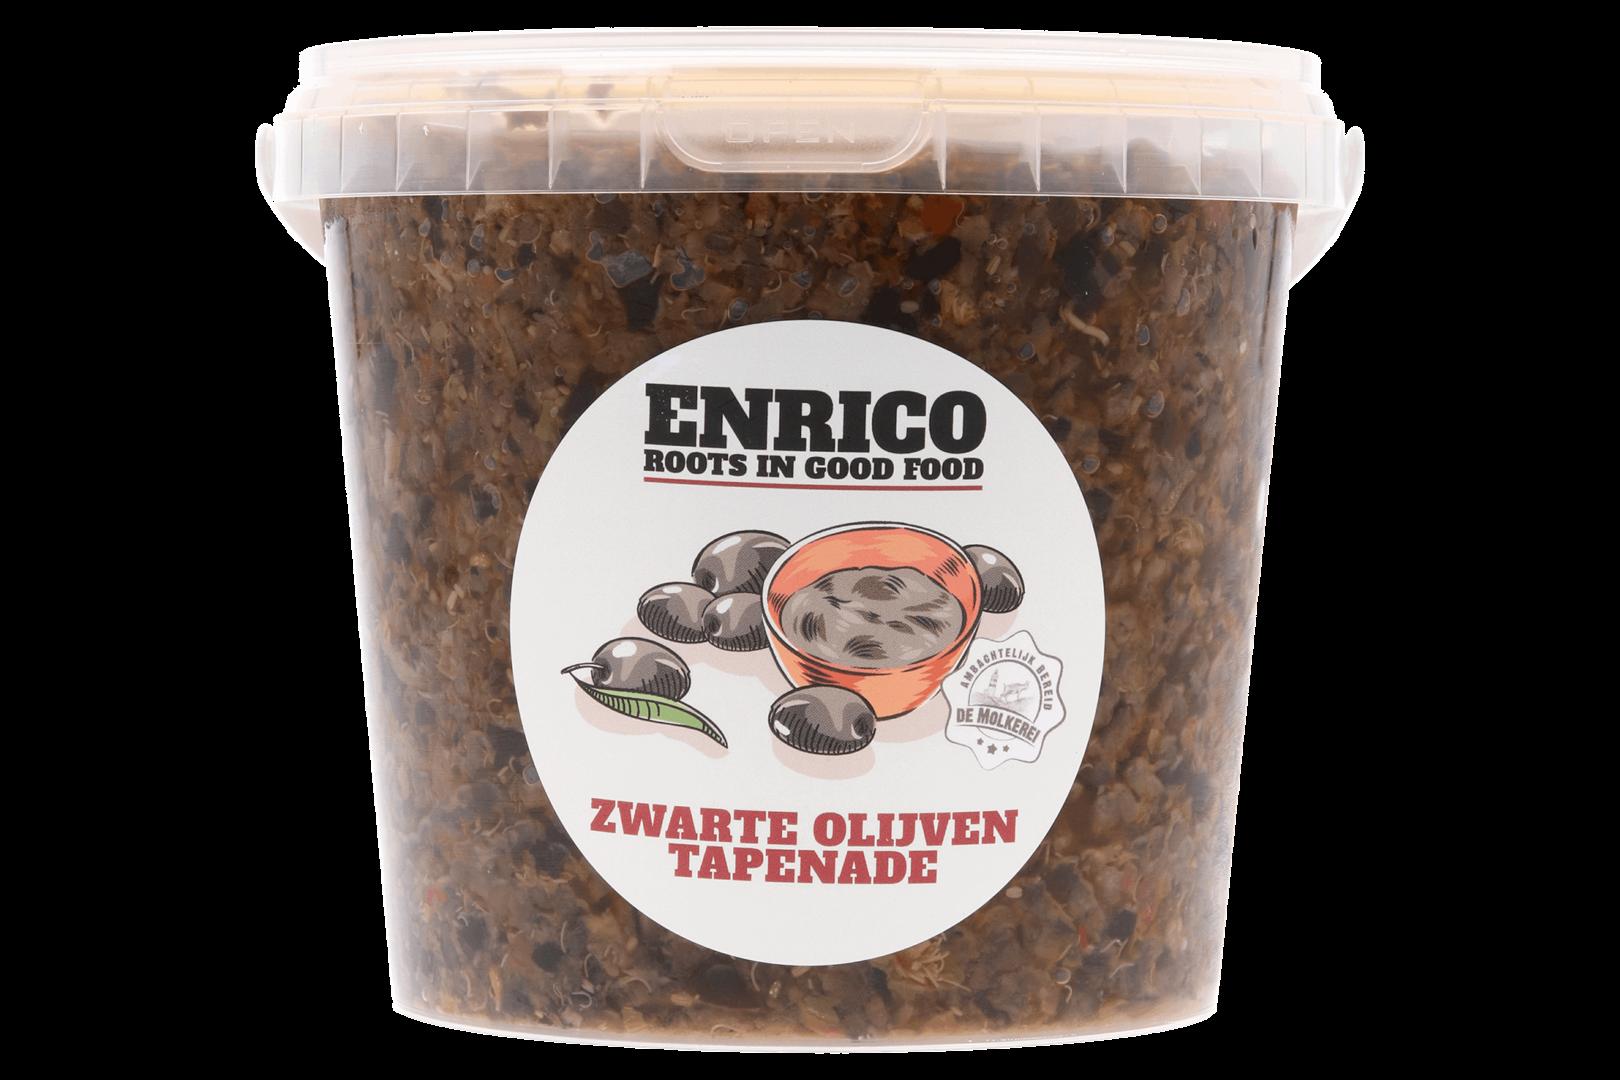 Productafbeelding Tapenade zwarte olijven koelvers 1000 gram